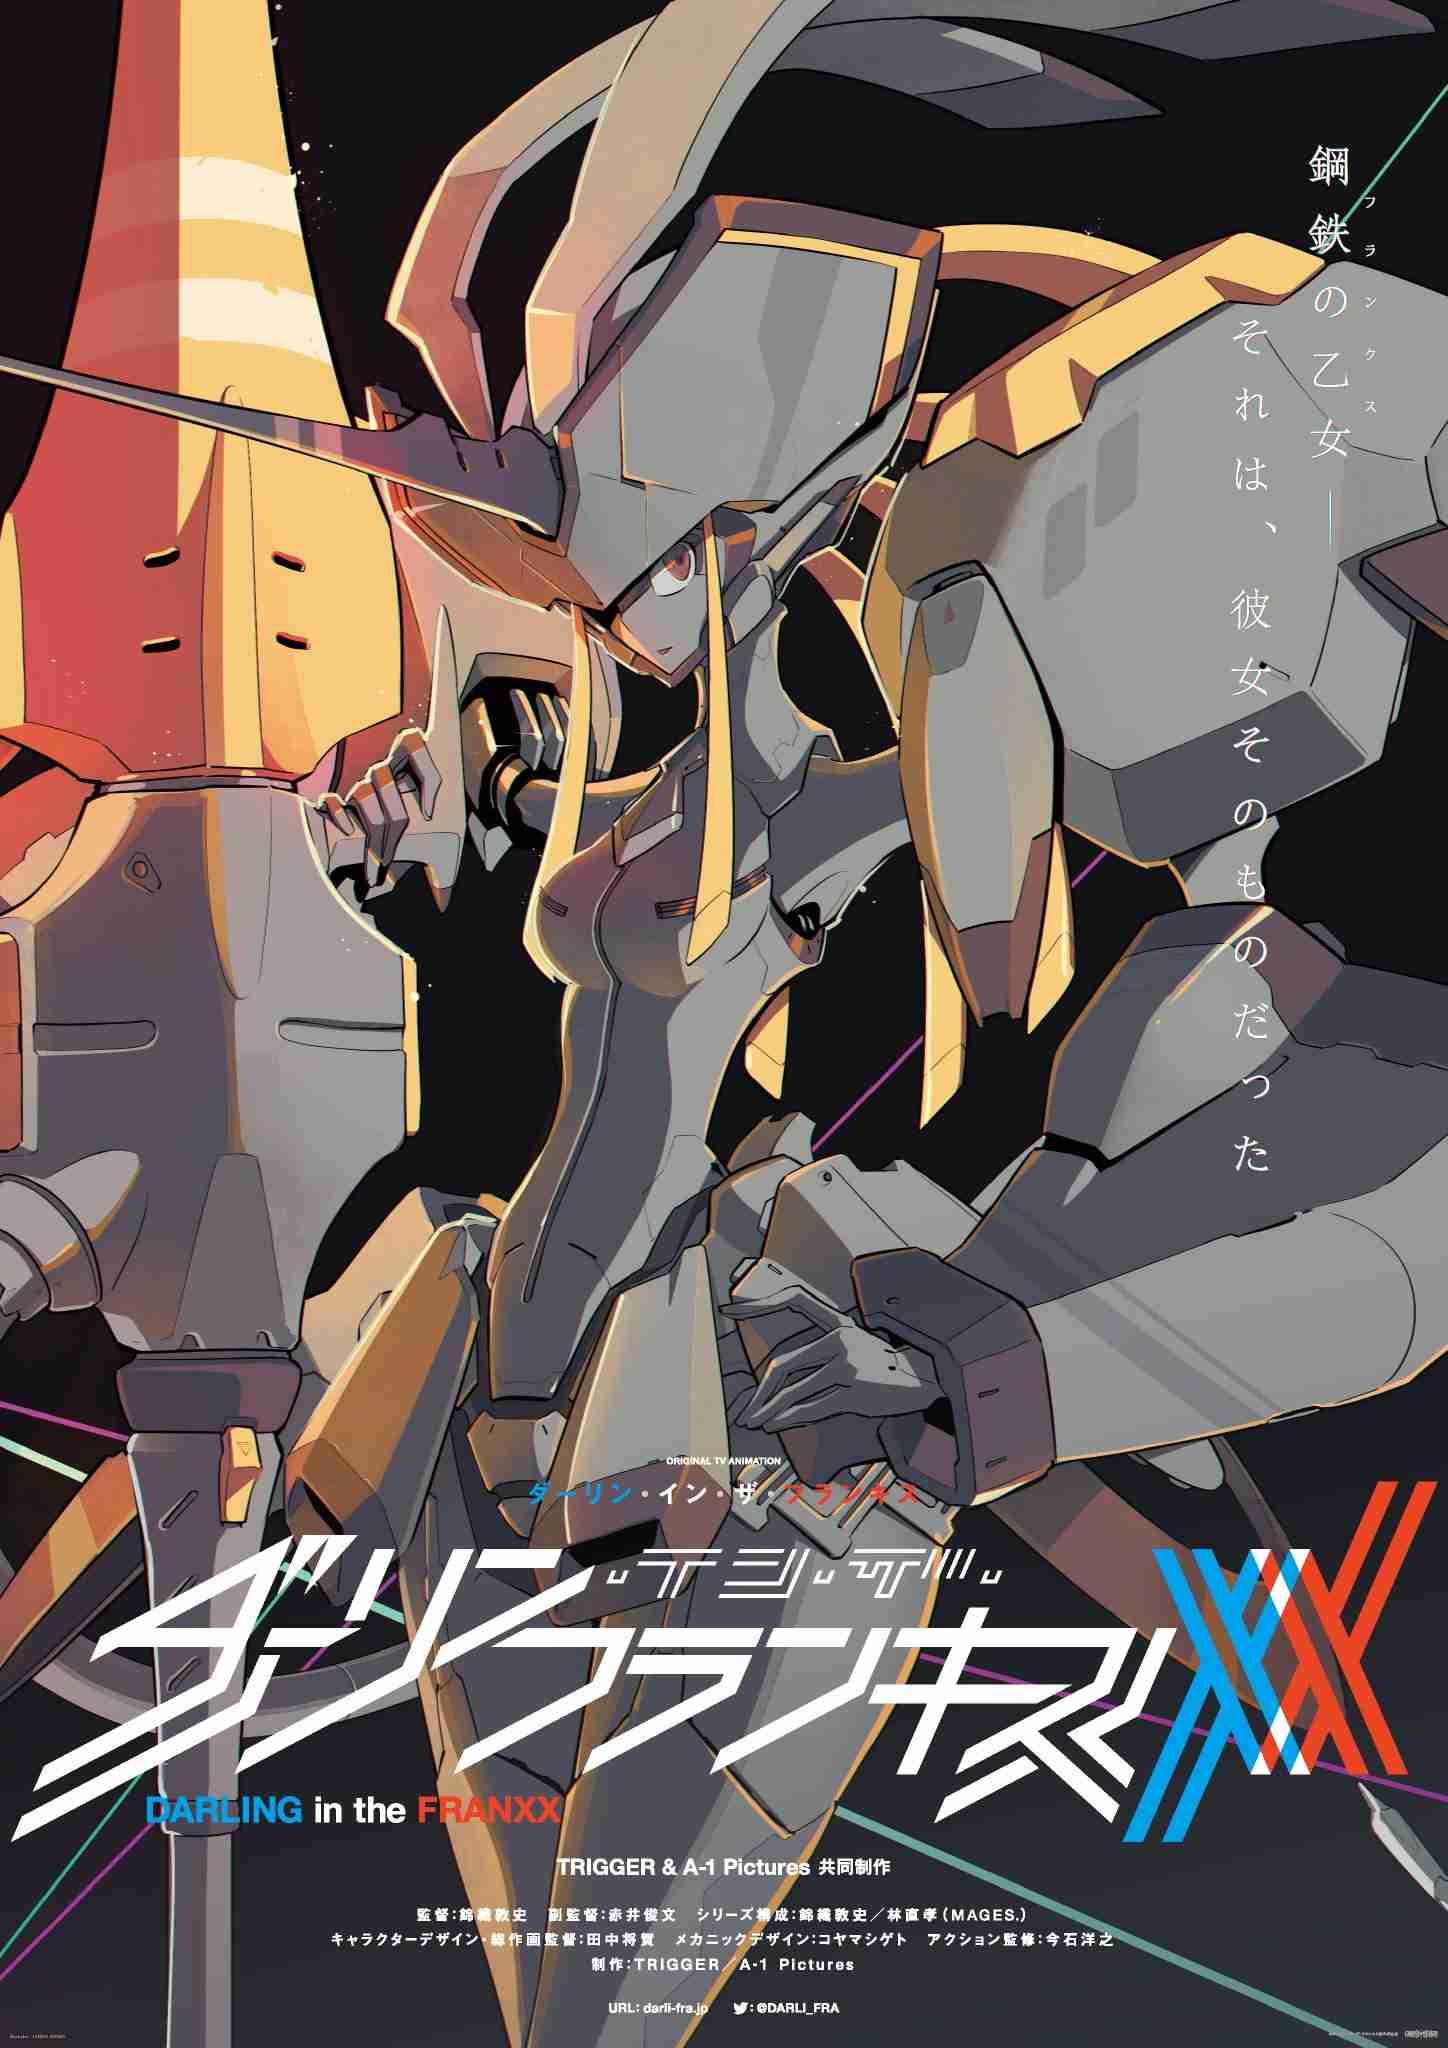 2018年冬アニメで観る予定のアニメ